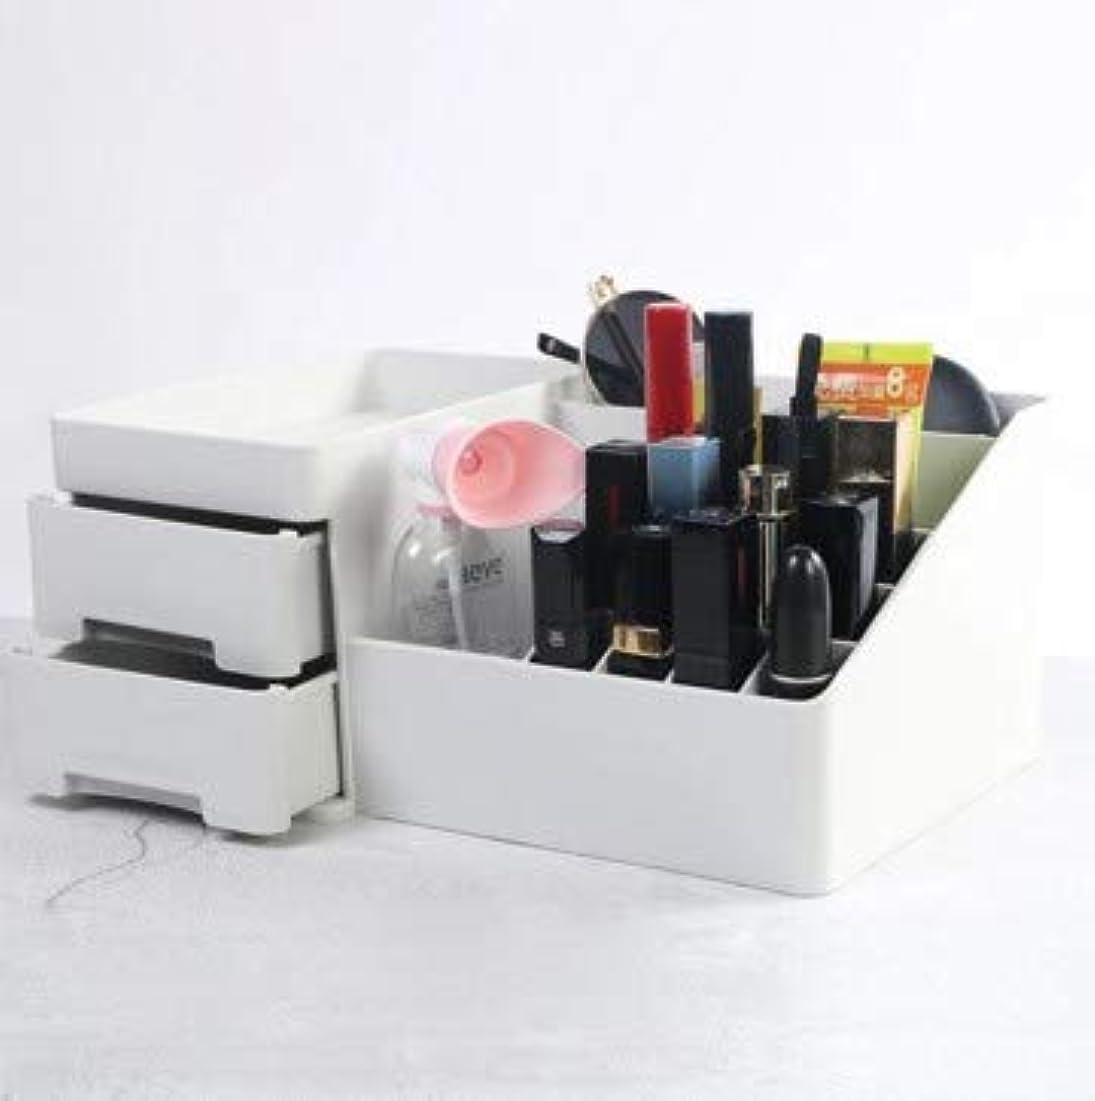 デスクトップ引き出し型化粧品収納ボックスプラスチックドレッシング収納ホーム収納ボックス (Color : グレー)